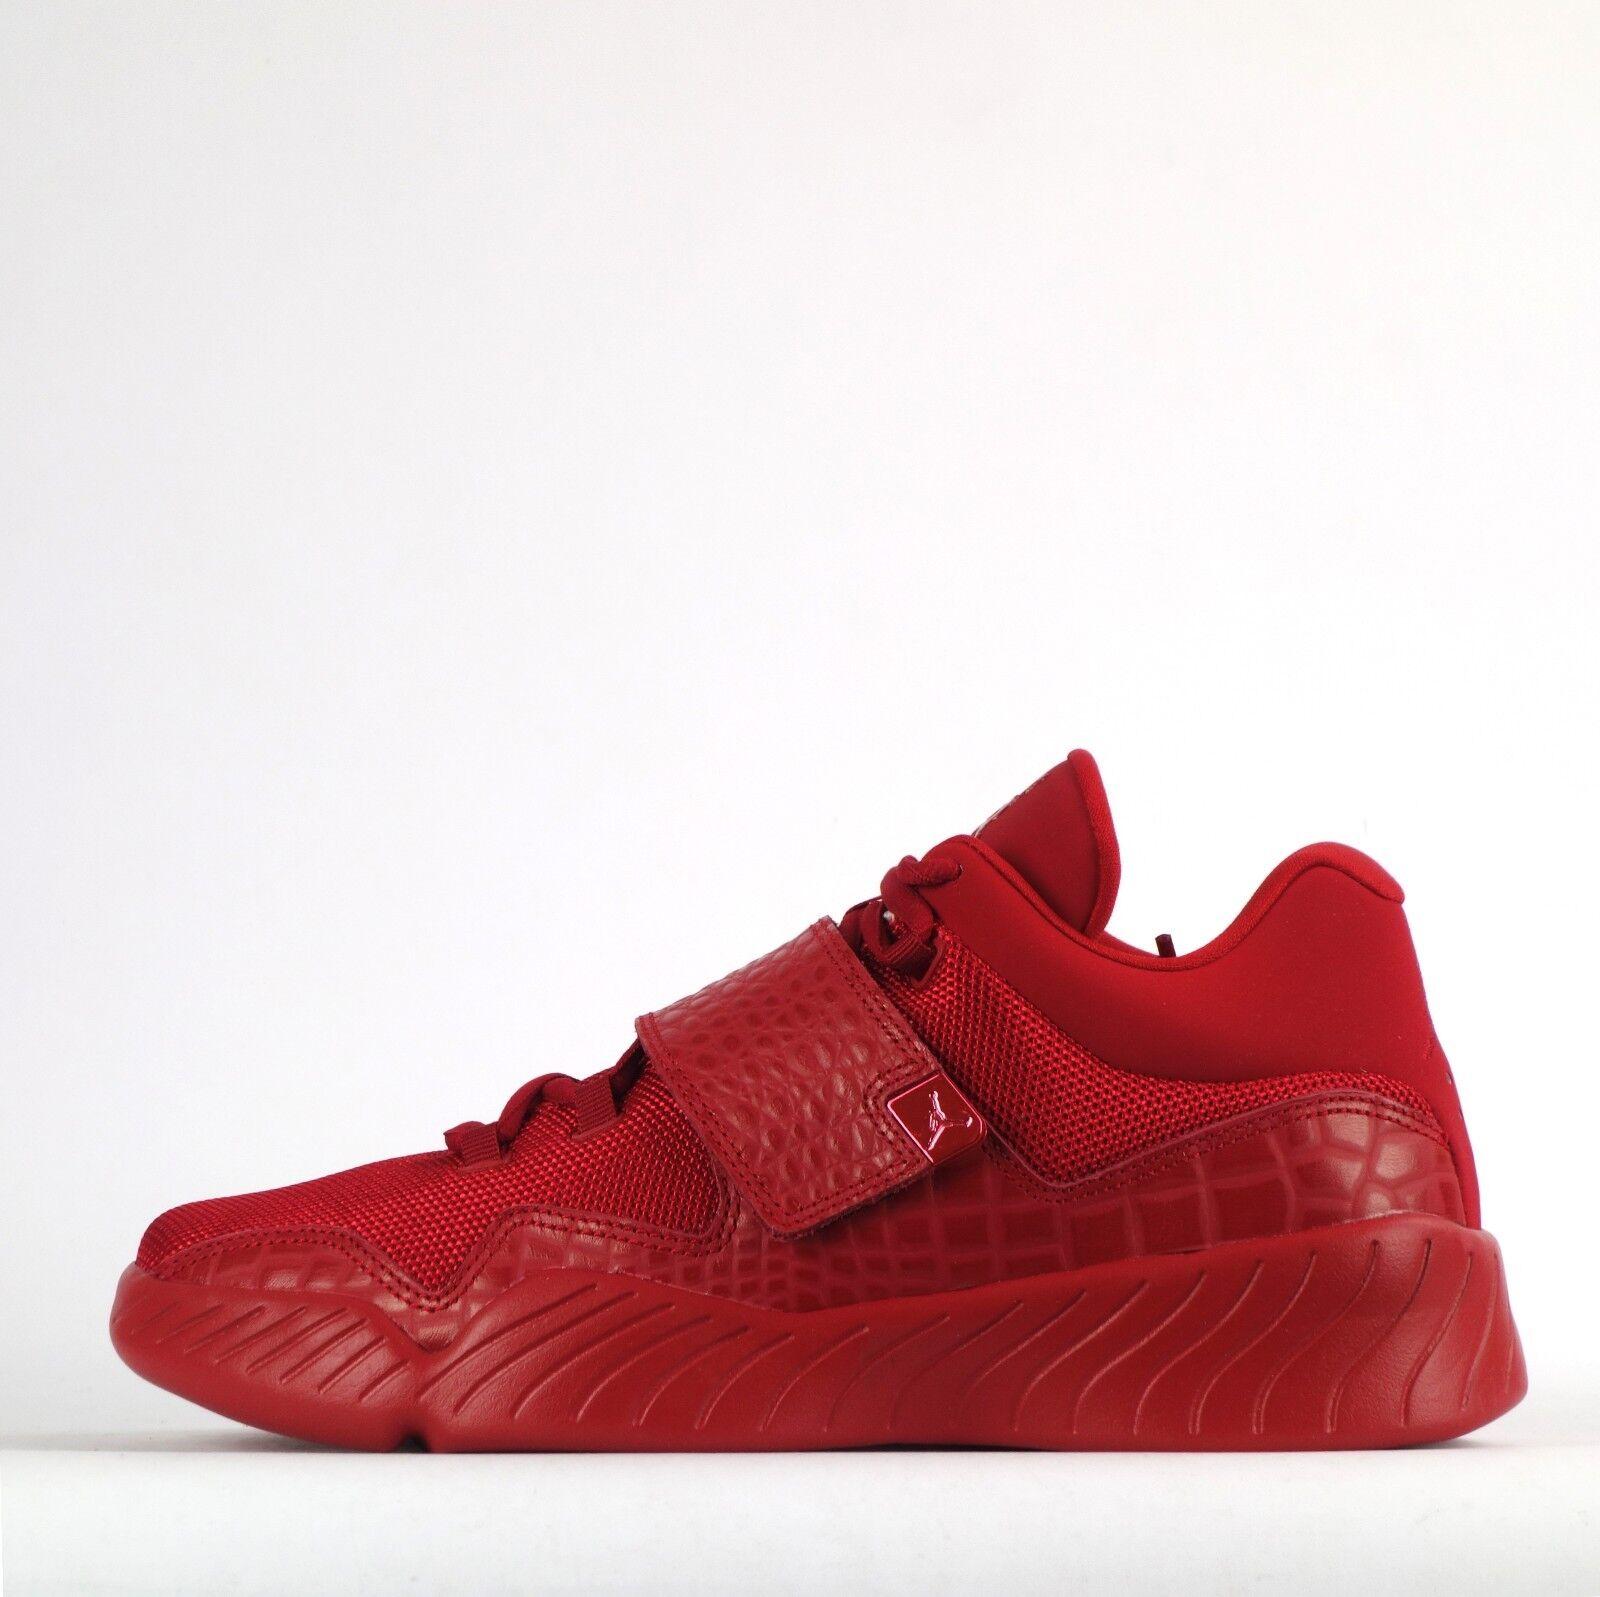 Nike Jordan J23 Herren Freizeit Smart Dreifach Rot Turnschuhe Sneaker 2016